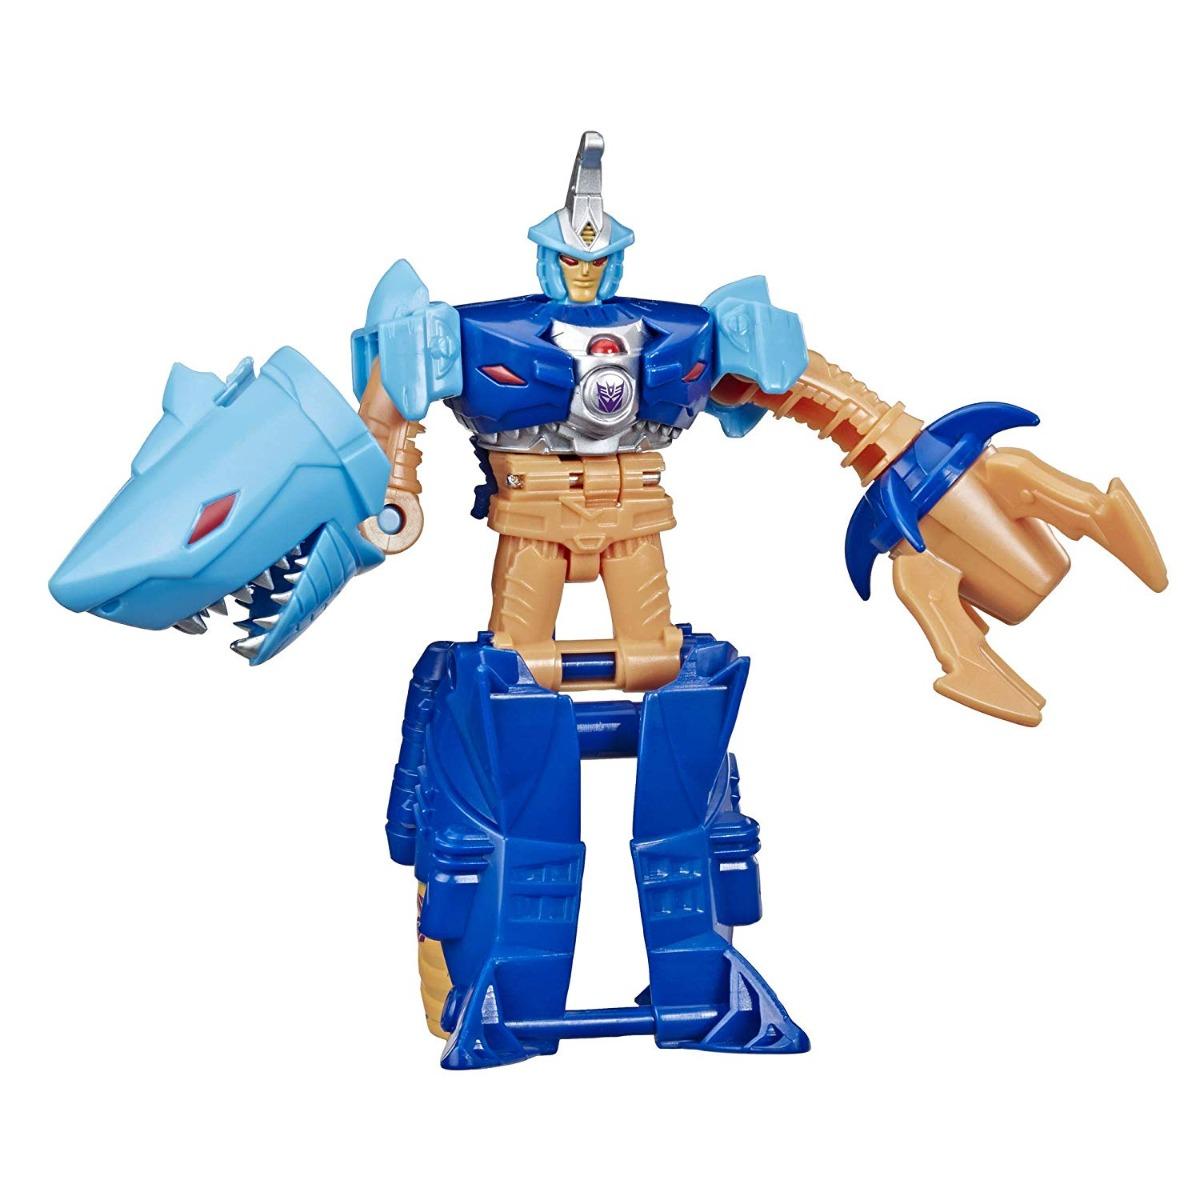 Figurina Transformers Cyberverse Sky-Byte, E4792